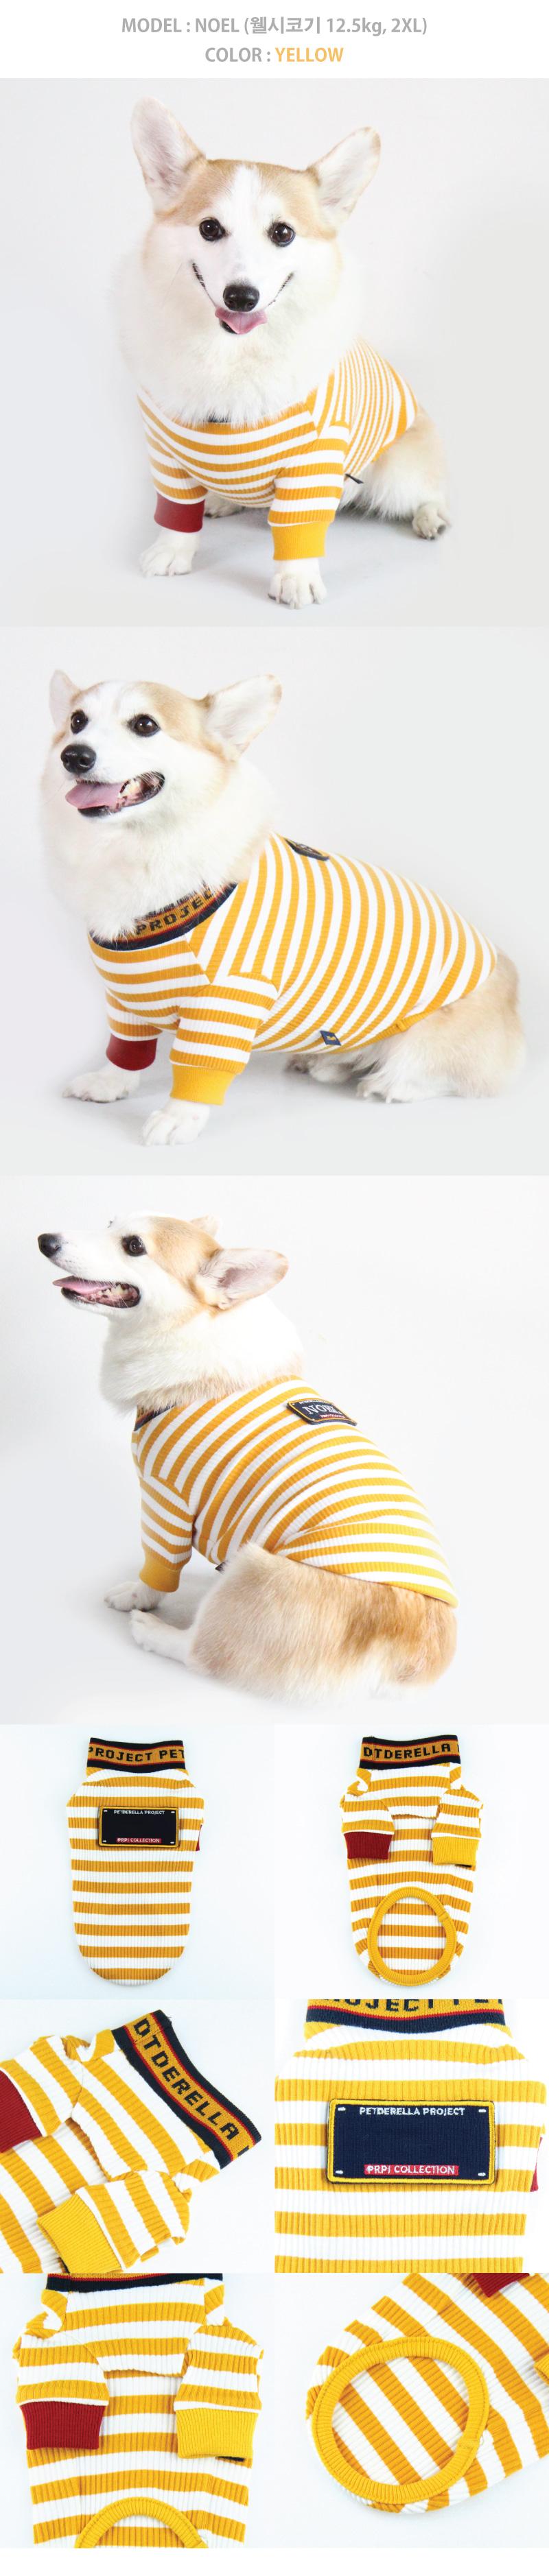 펫데렐라 프로젝트(PETDERELLA PROJECT) 로고밴딩 티셔츠 (옐로우)